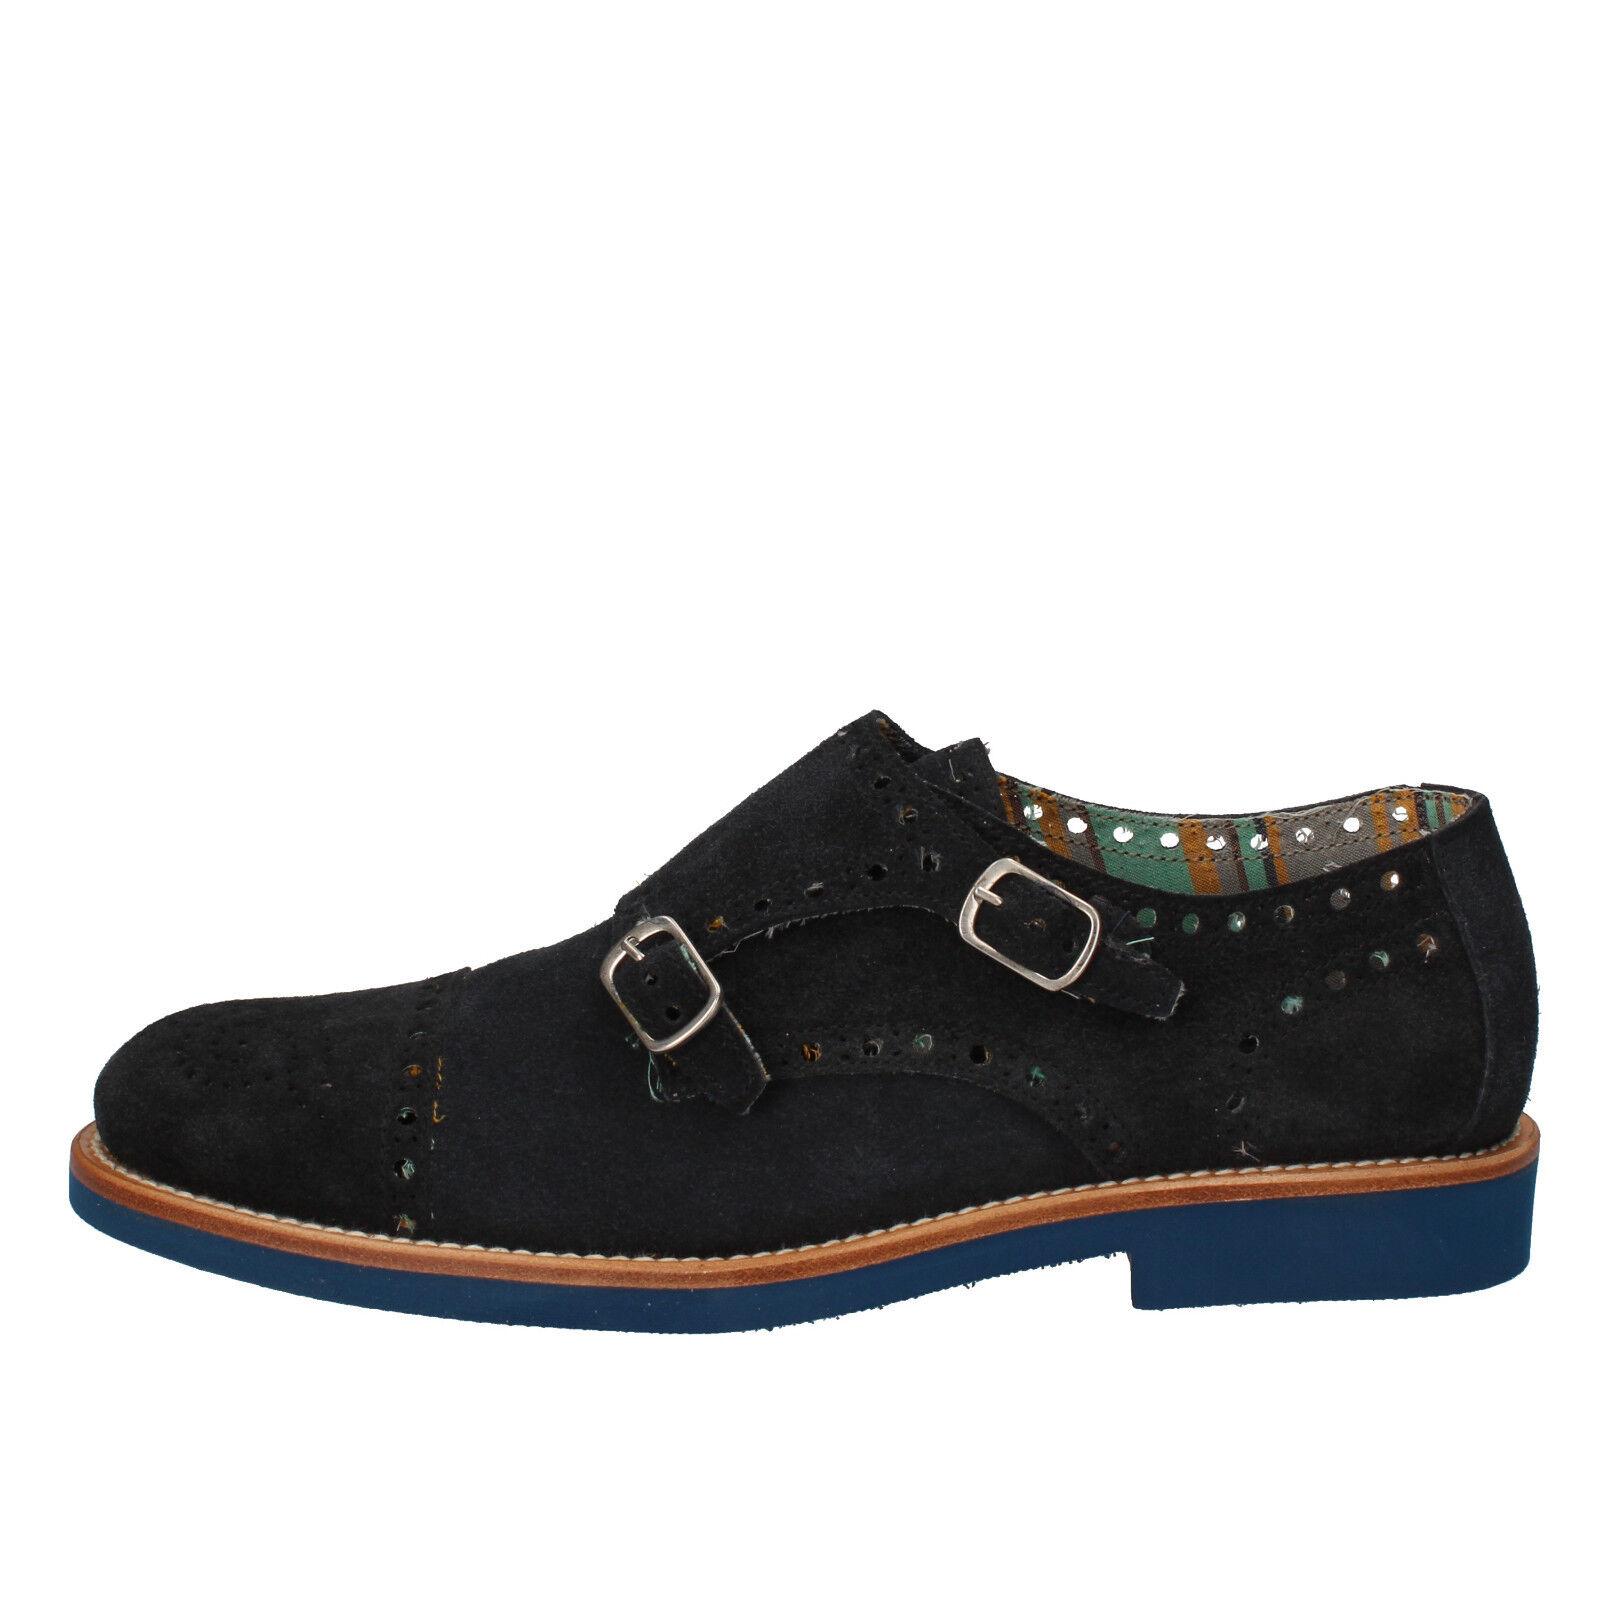 Men's shoes DI MELLA 10 (EU 43) elegant   oxford-shoes bluee suede AD269-F